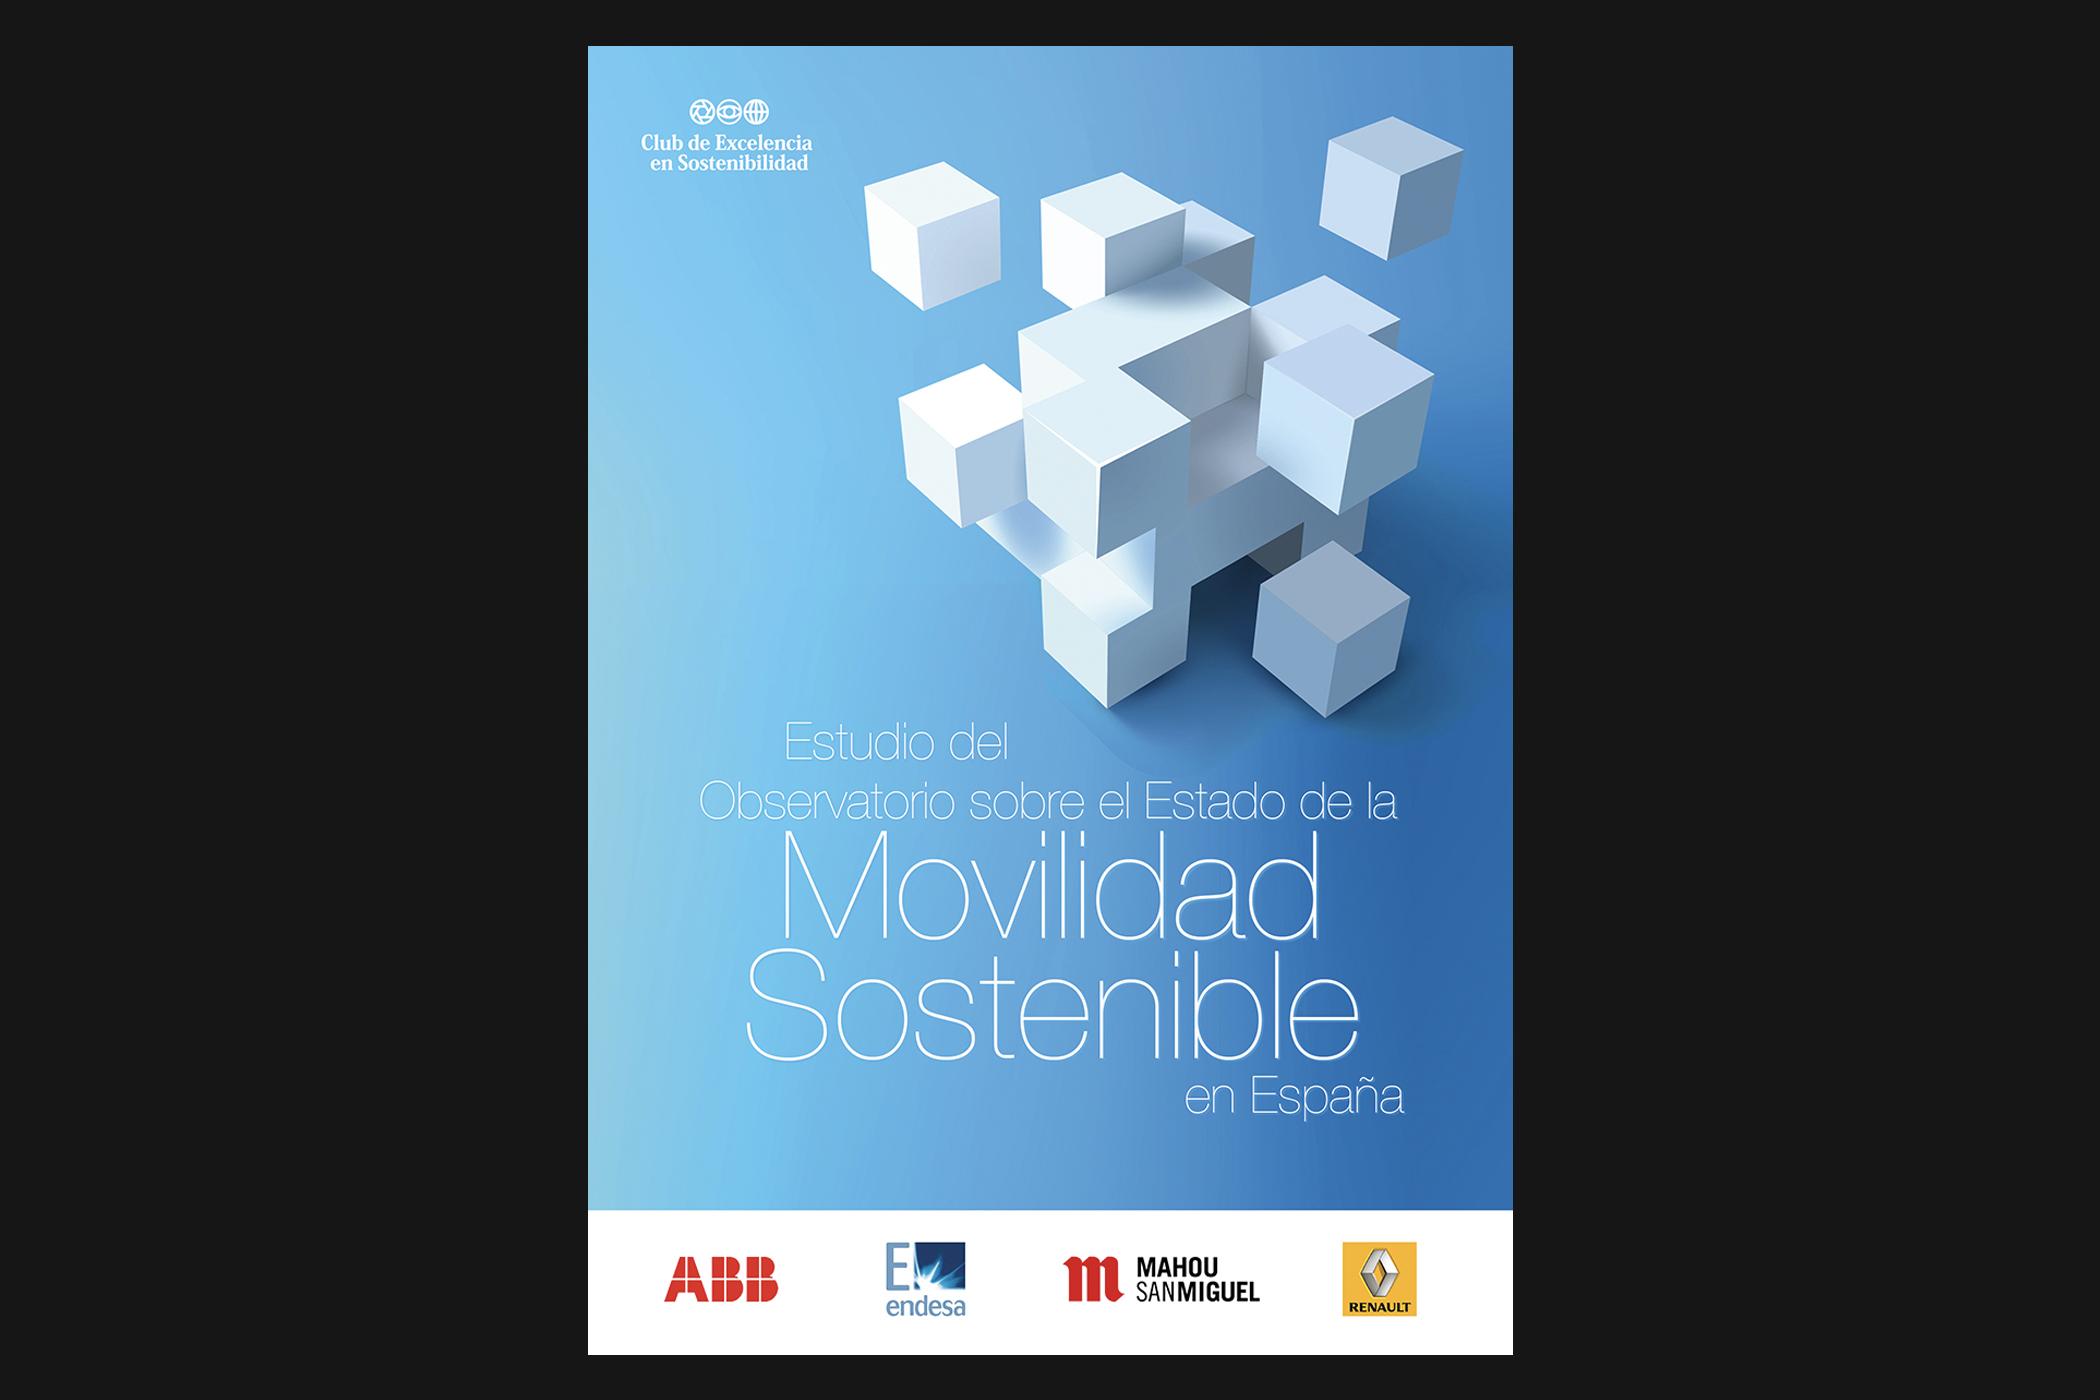 Movilidad sostenible - Arte Gráfico